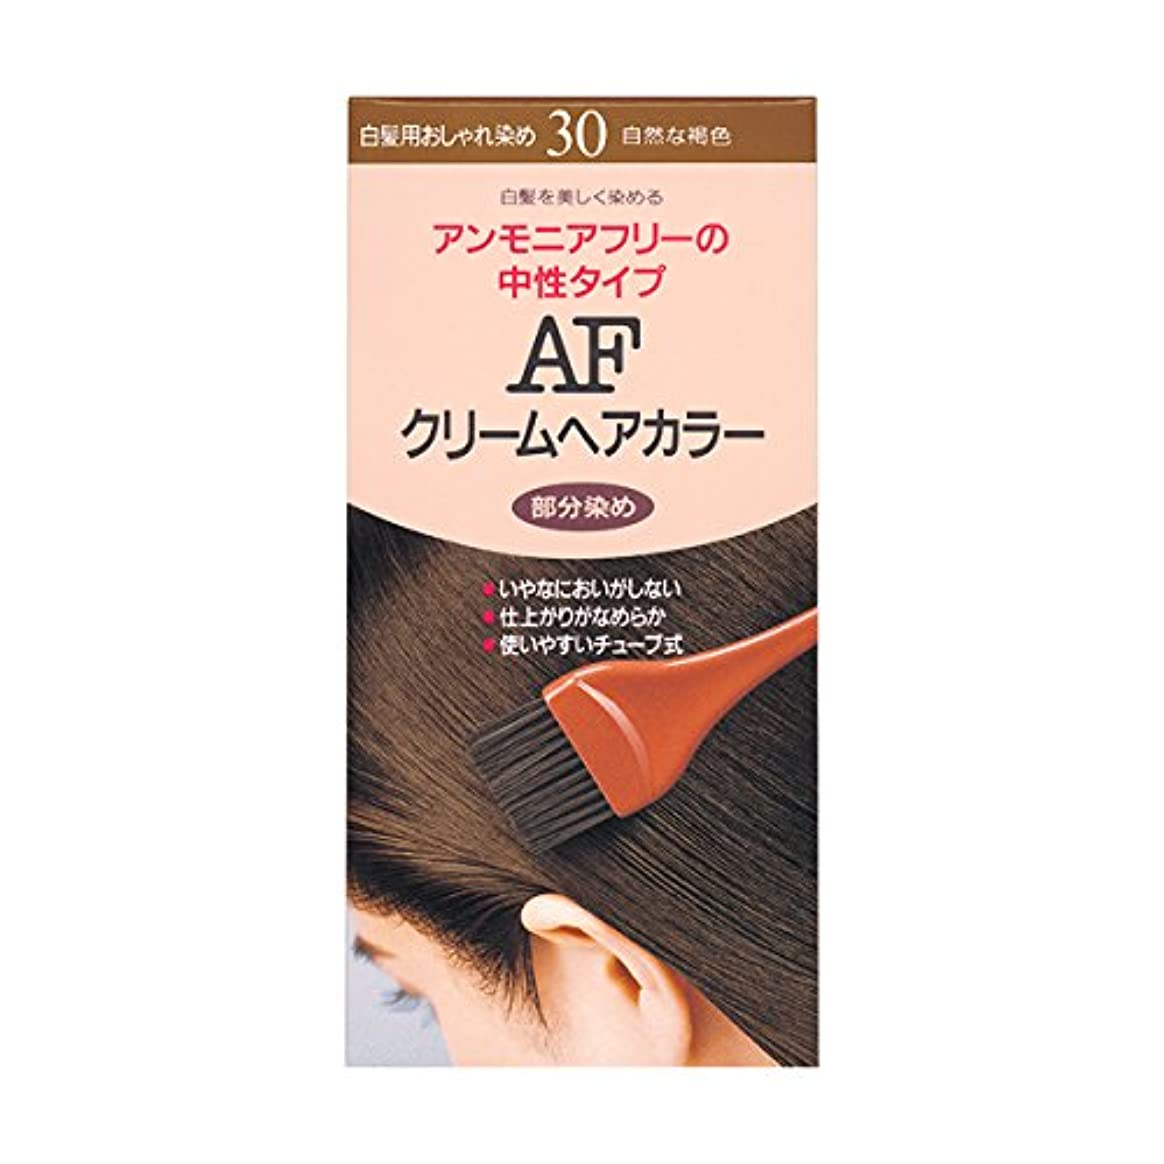 交流する厄介なフィットネスヘアカラー AFクリームヘアカラー 30 【医薬部外品】